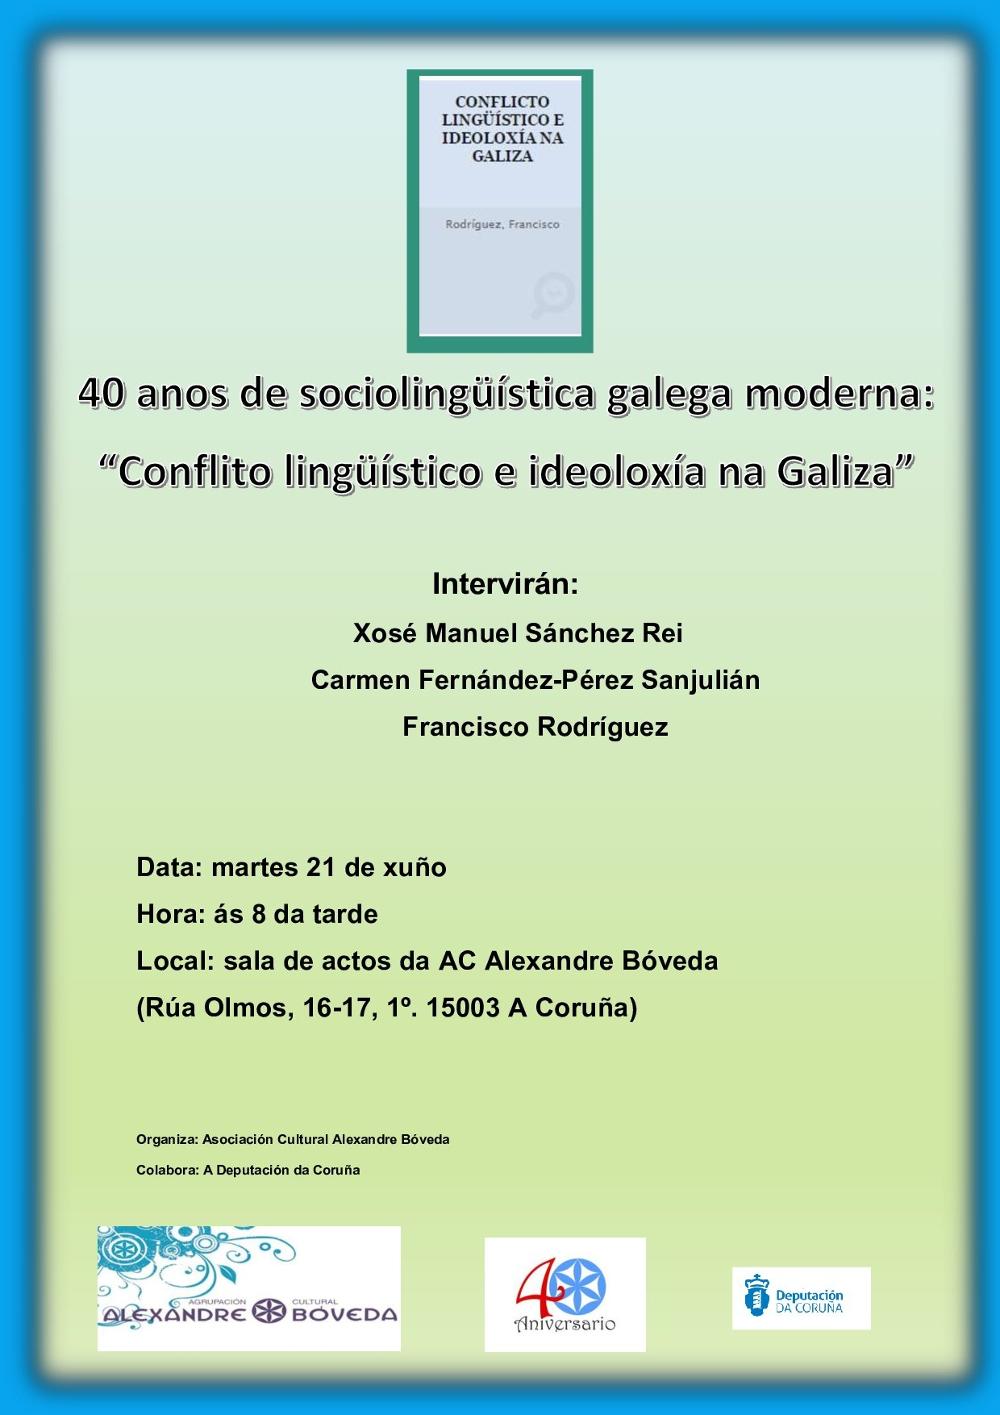 40 anos de Conflito lingüístico e ideoloxía na Galiza